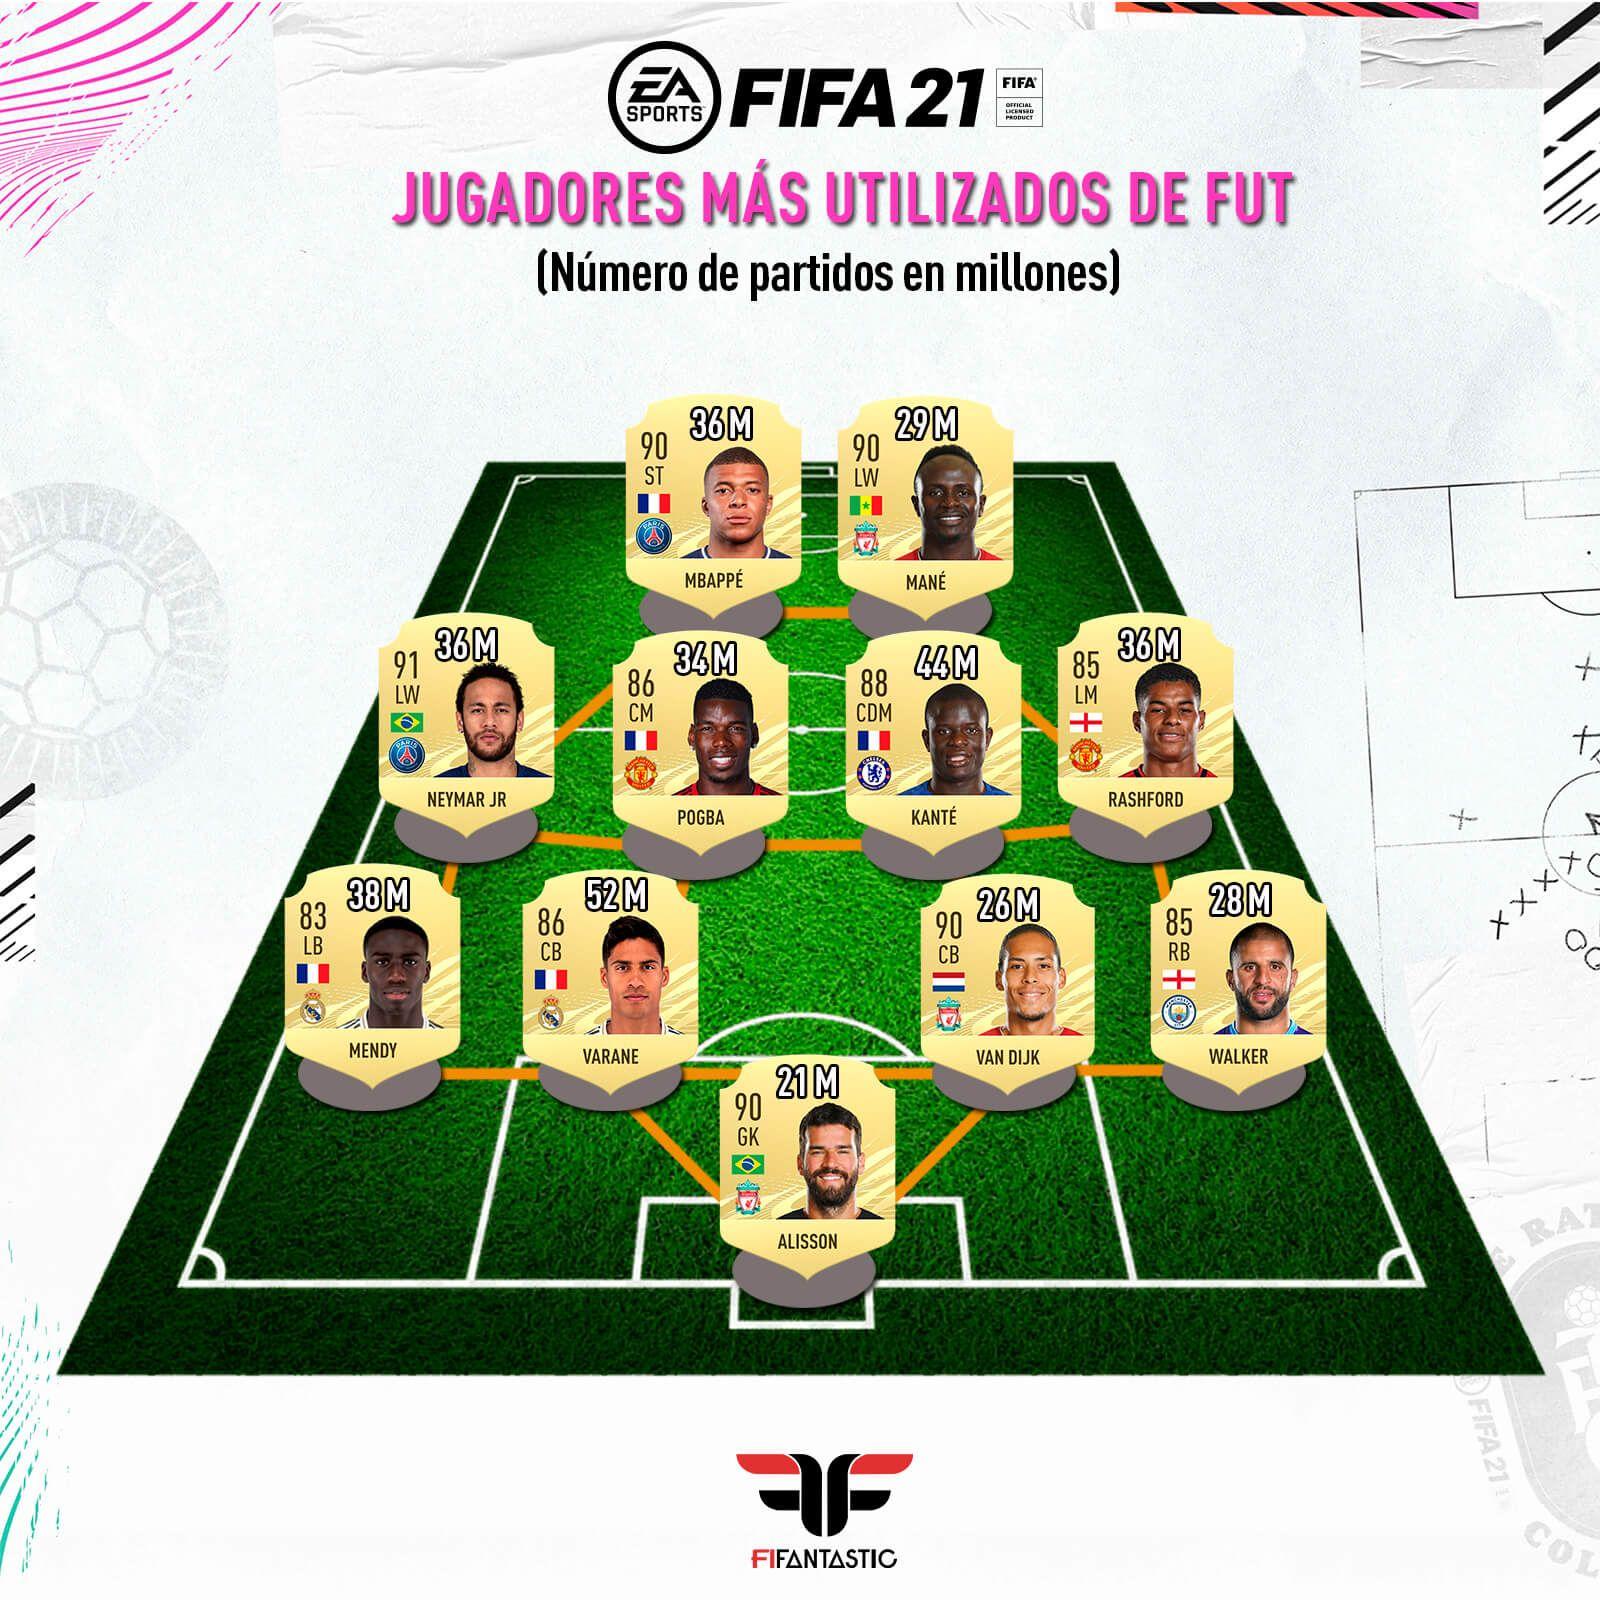 Los jugadores más utilizados de FIFA 21 Ultimate Team